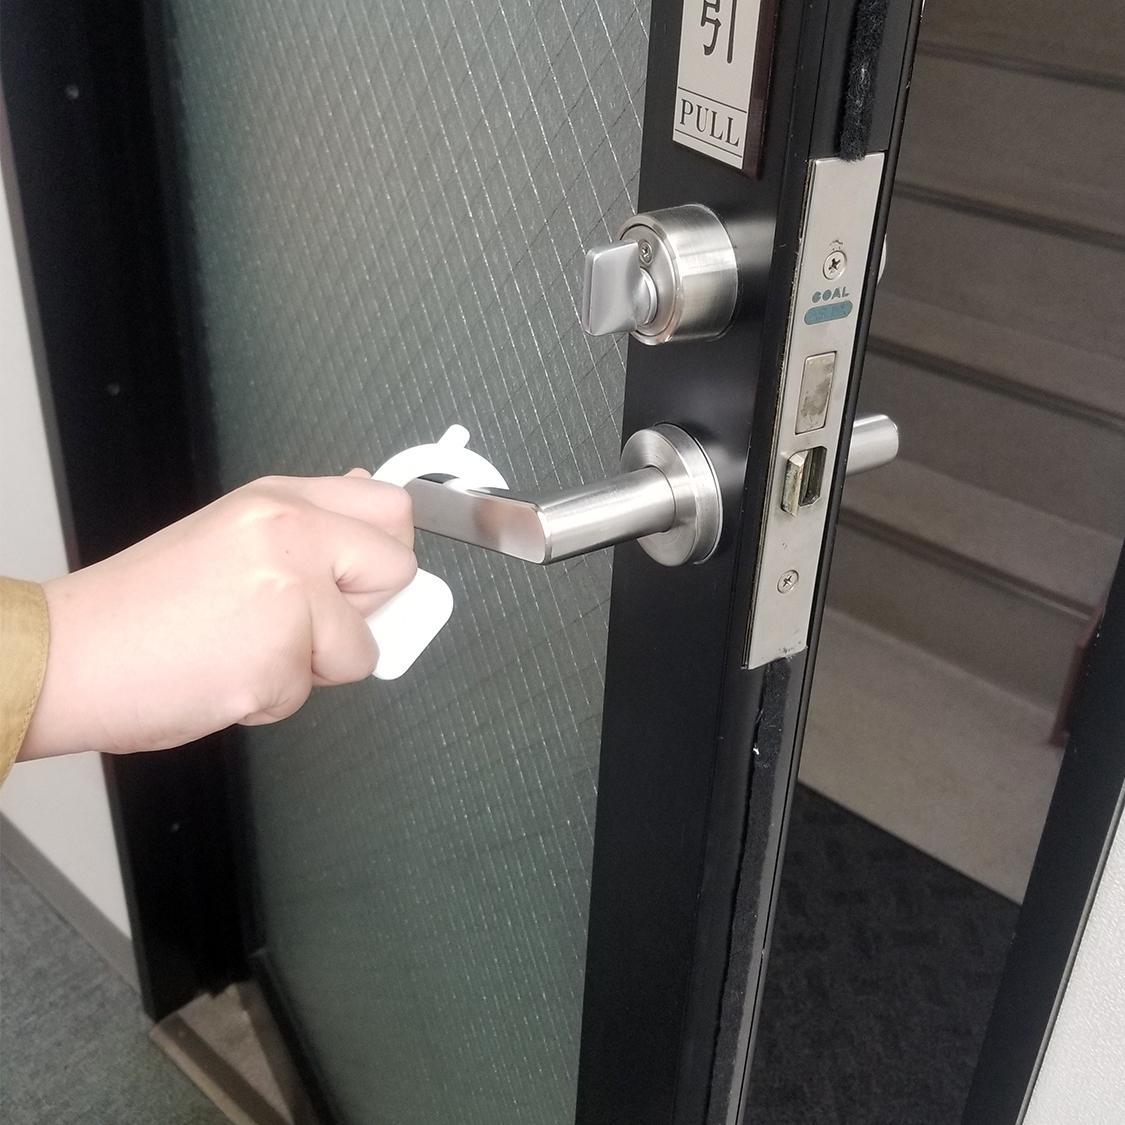 直接触れずにドアを開けることができる